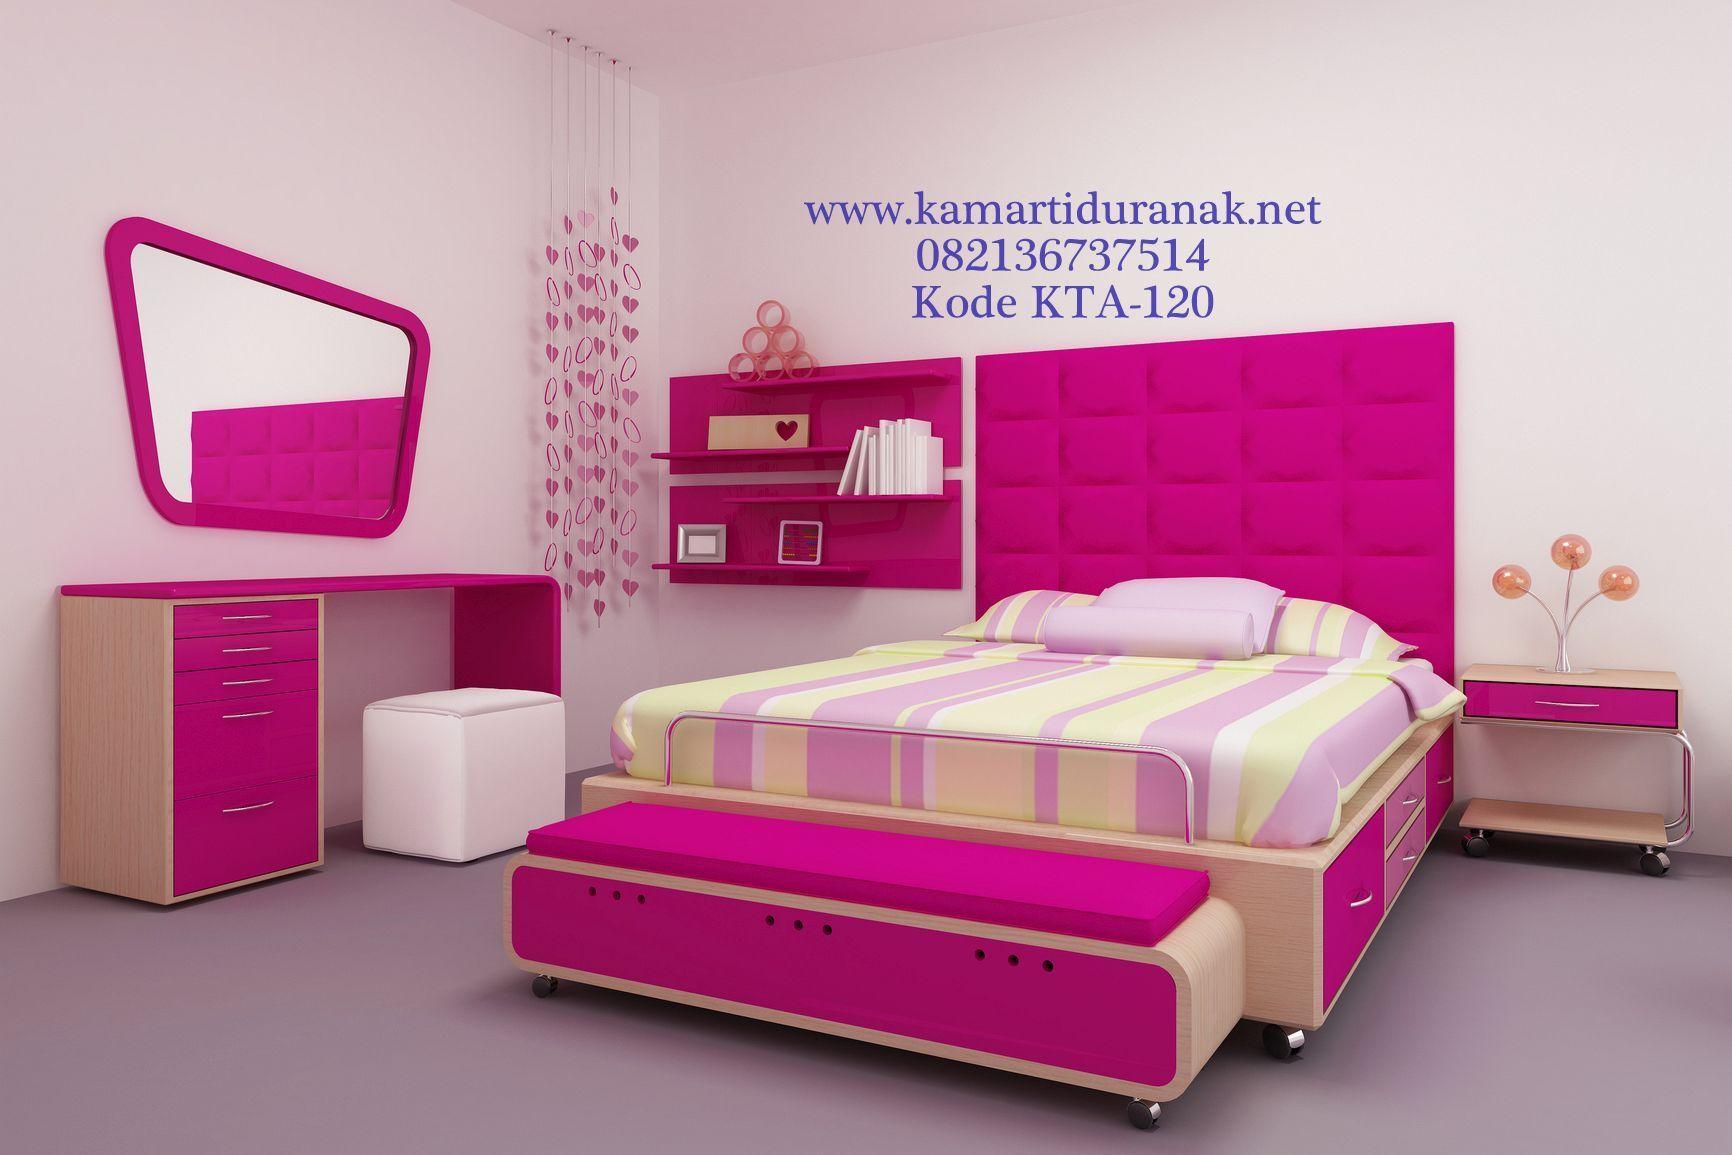 Harga Set Tempat Tidur Remaja Pink Minimalis Modern Interior Terbaru Murah R Anak Perempuan